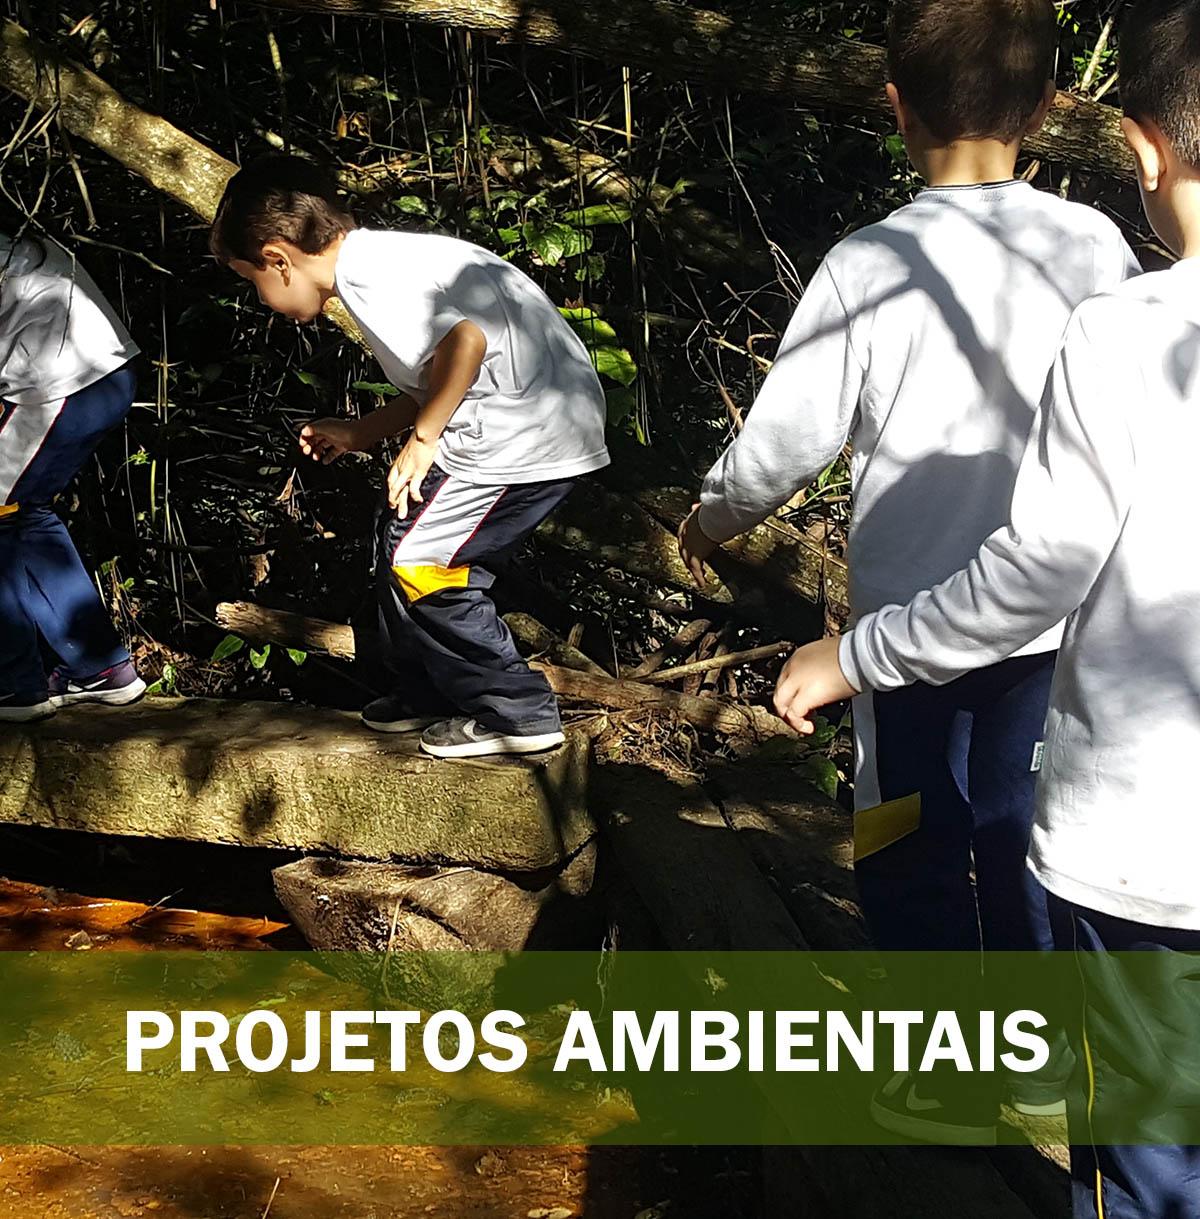 PROJETOS AMBIENTAIS palestra com animais silvestres e exóticos 1